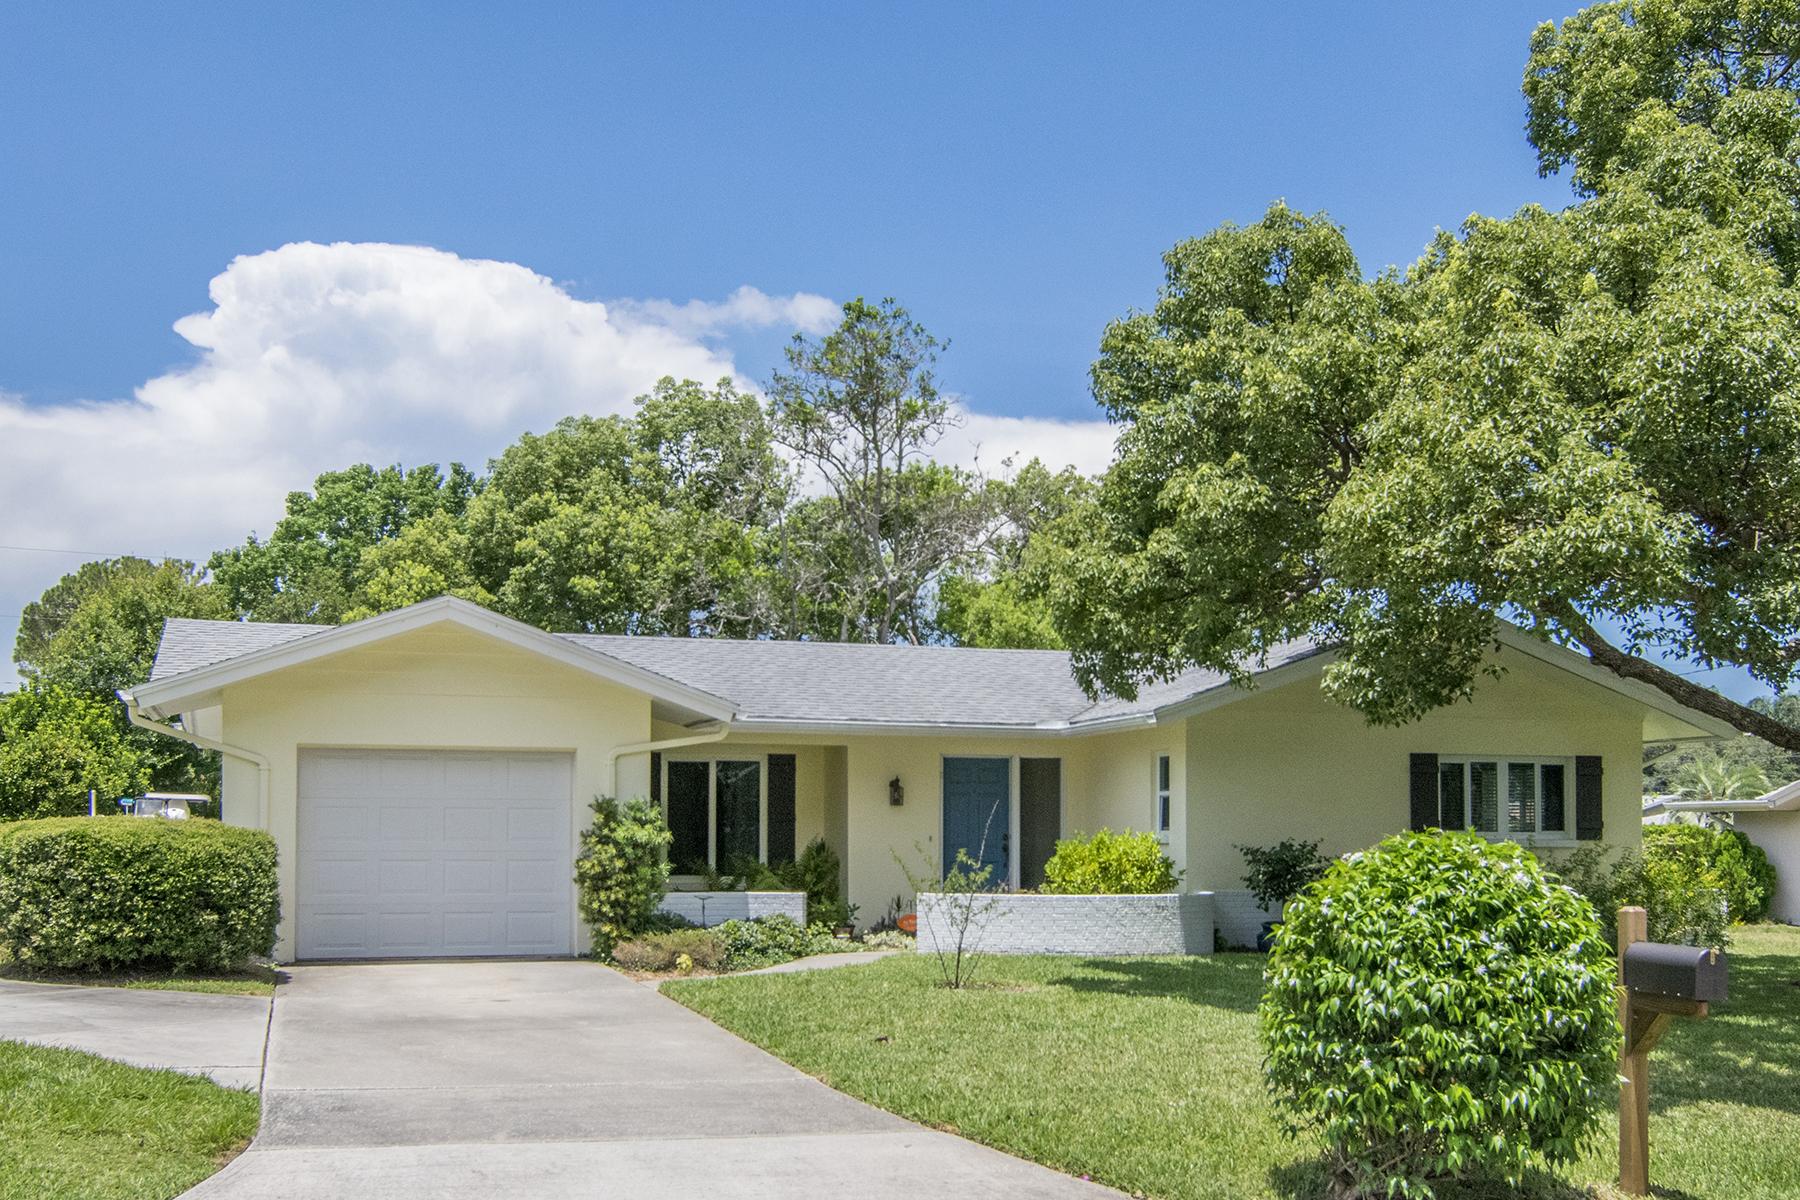 一戸建て のために 売買 アット DUNEDIN 2386 Mangrum Dr Dunedin, フロリダ, 34698 アメリカ合衆国